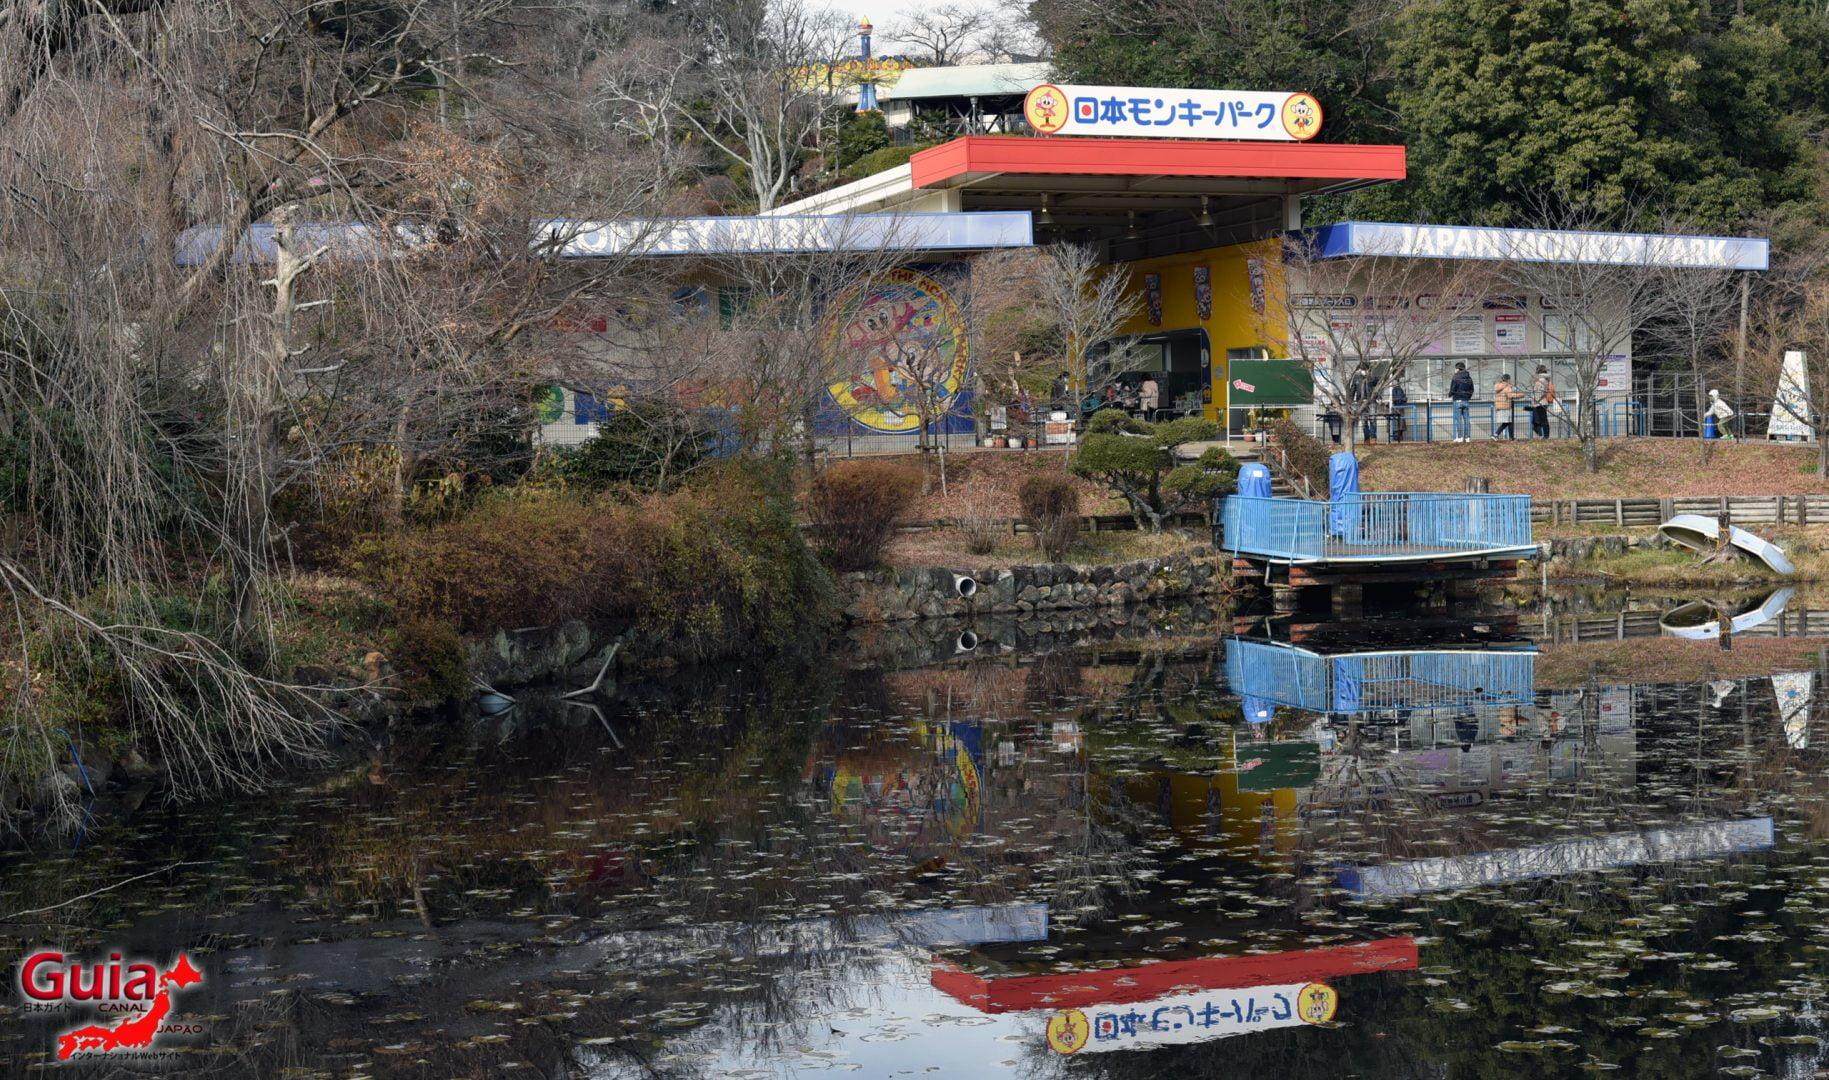 游乐园-日本猴子公园2